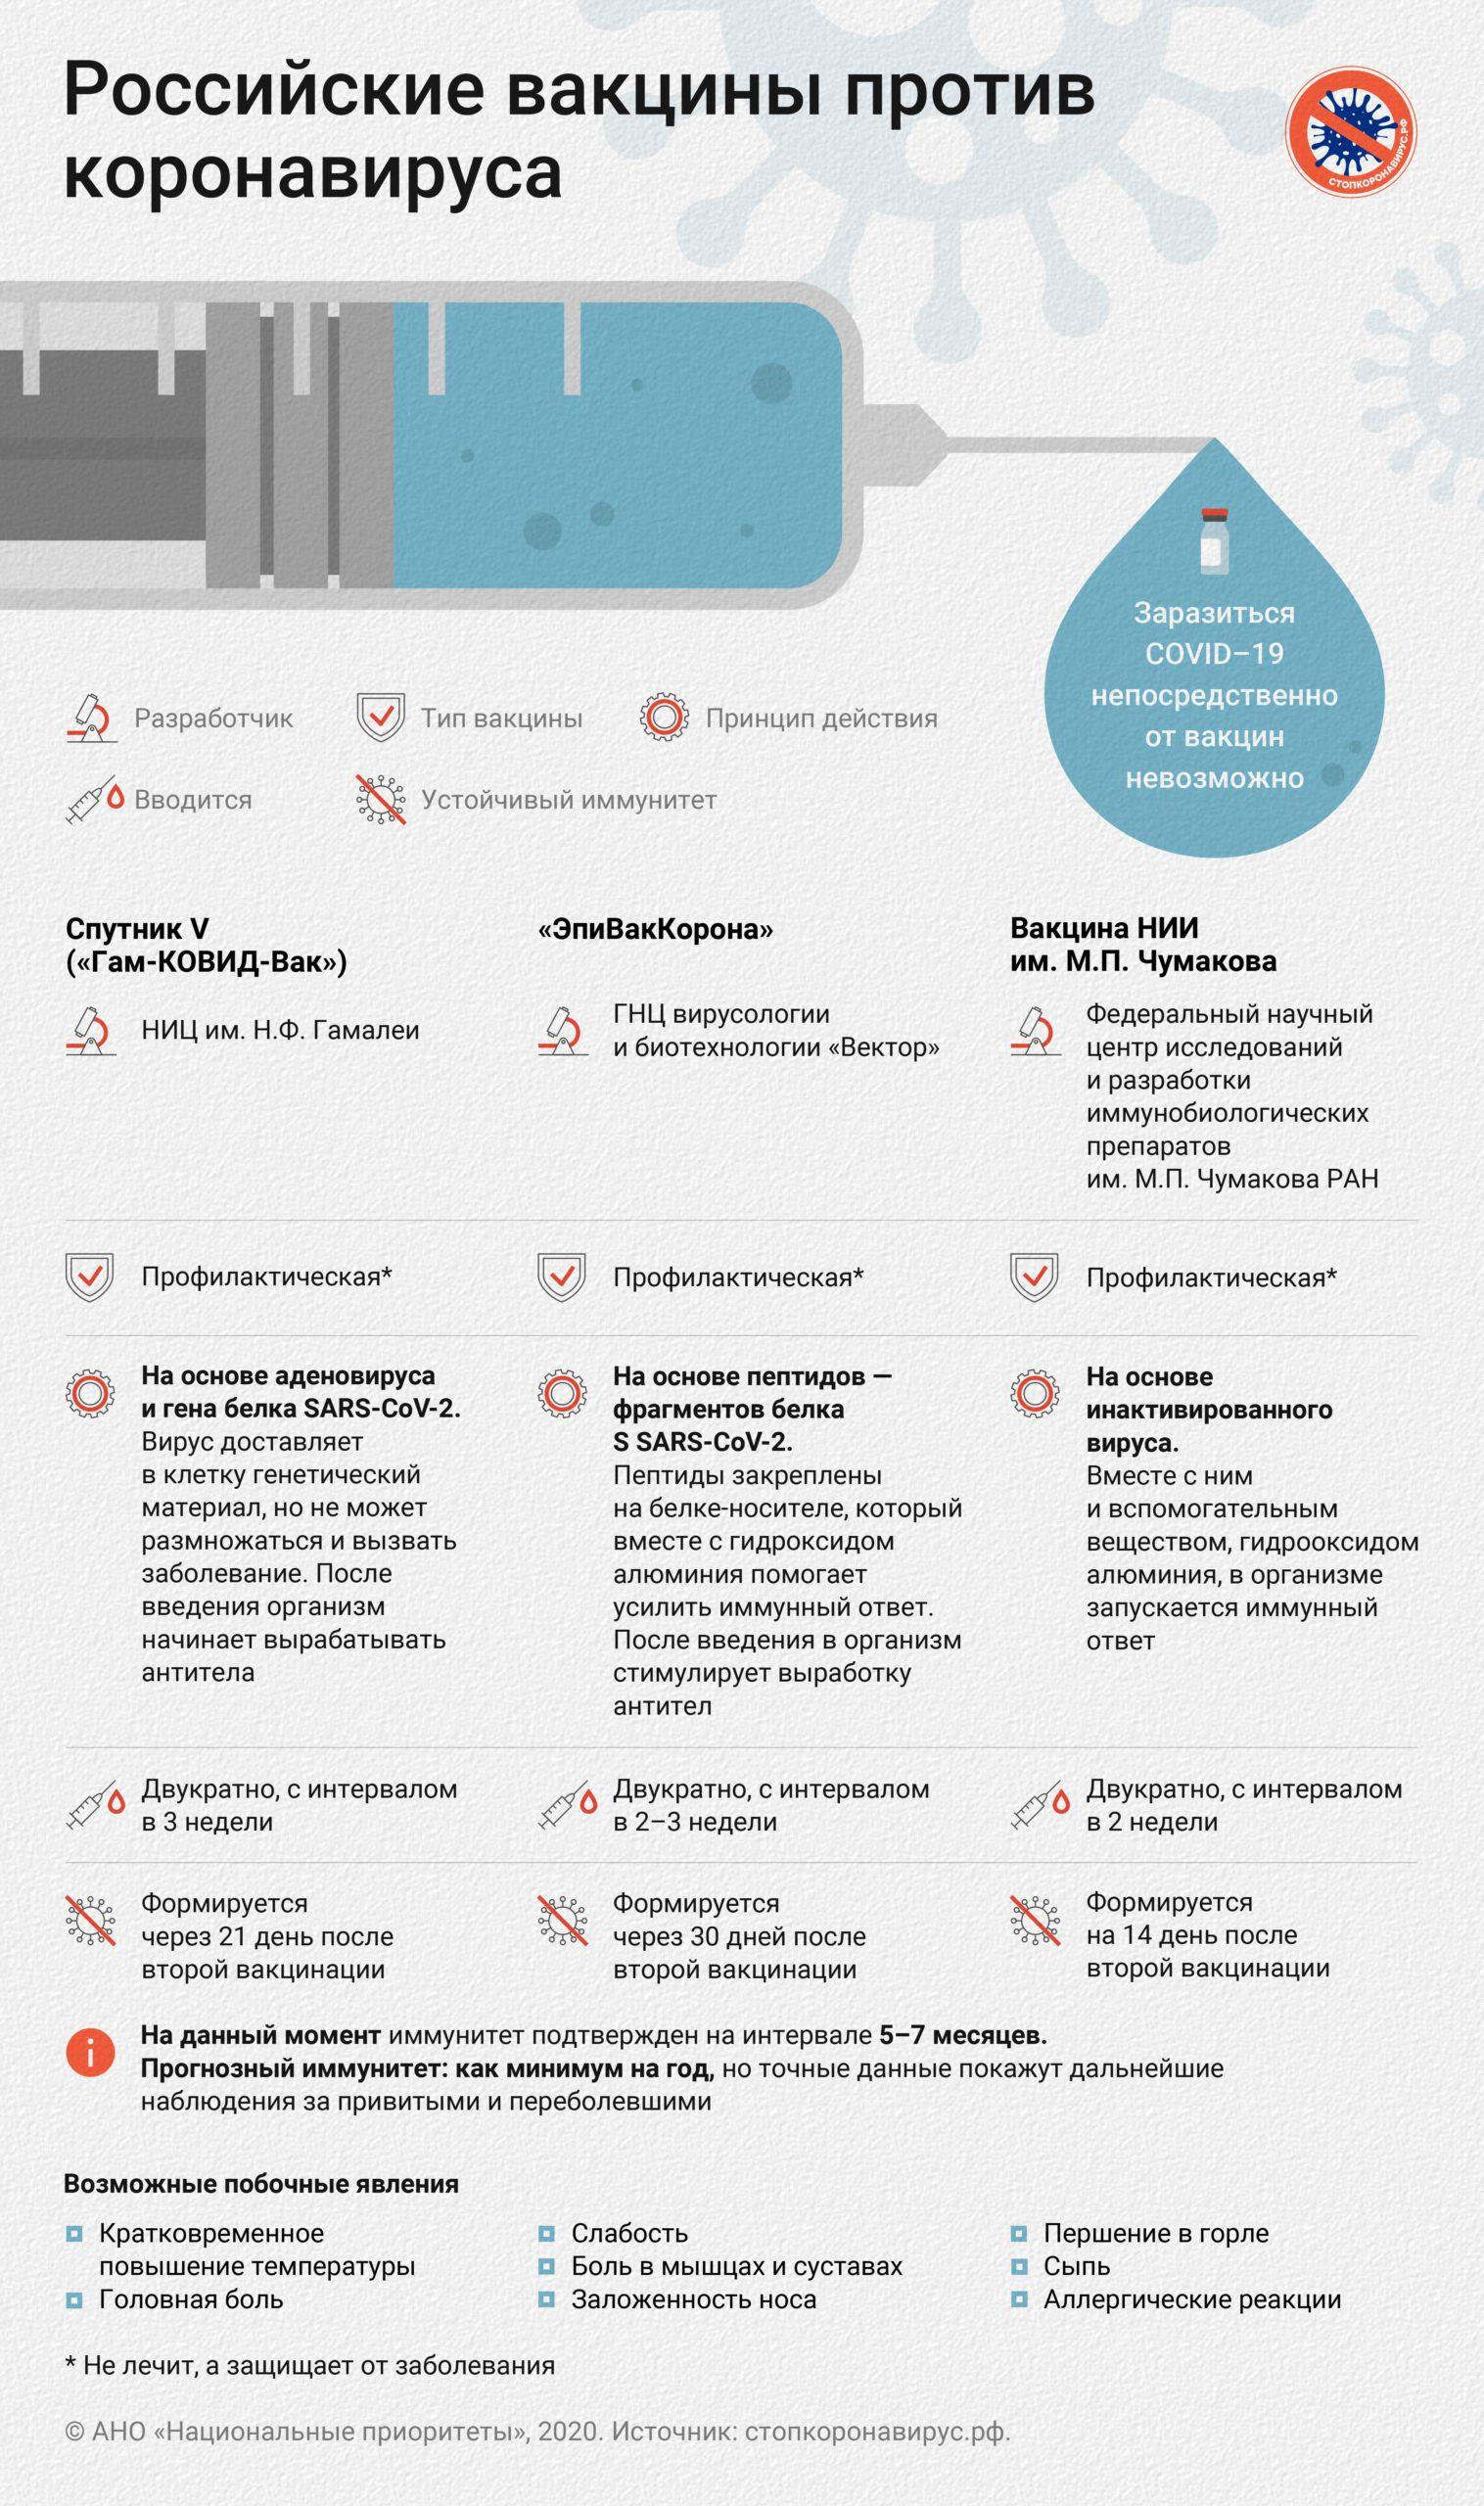 Российские вакцины против короновируса